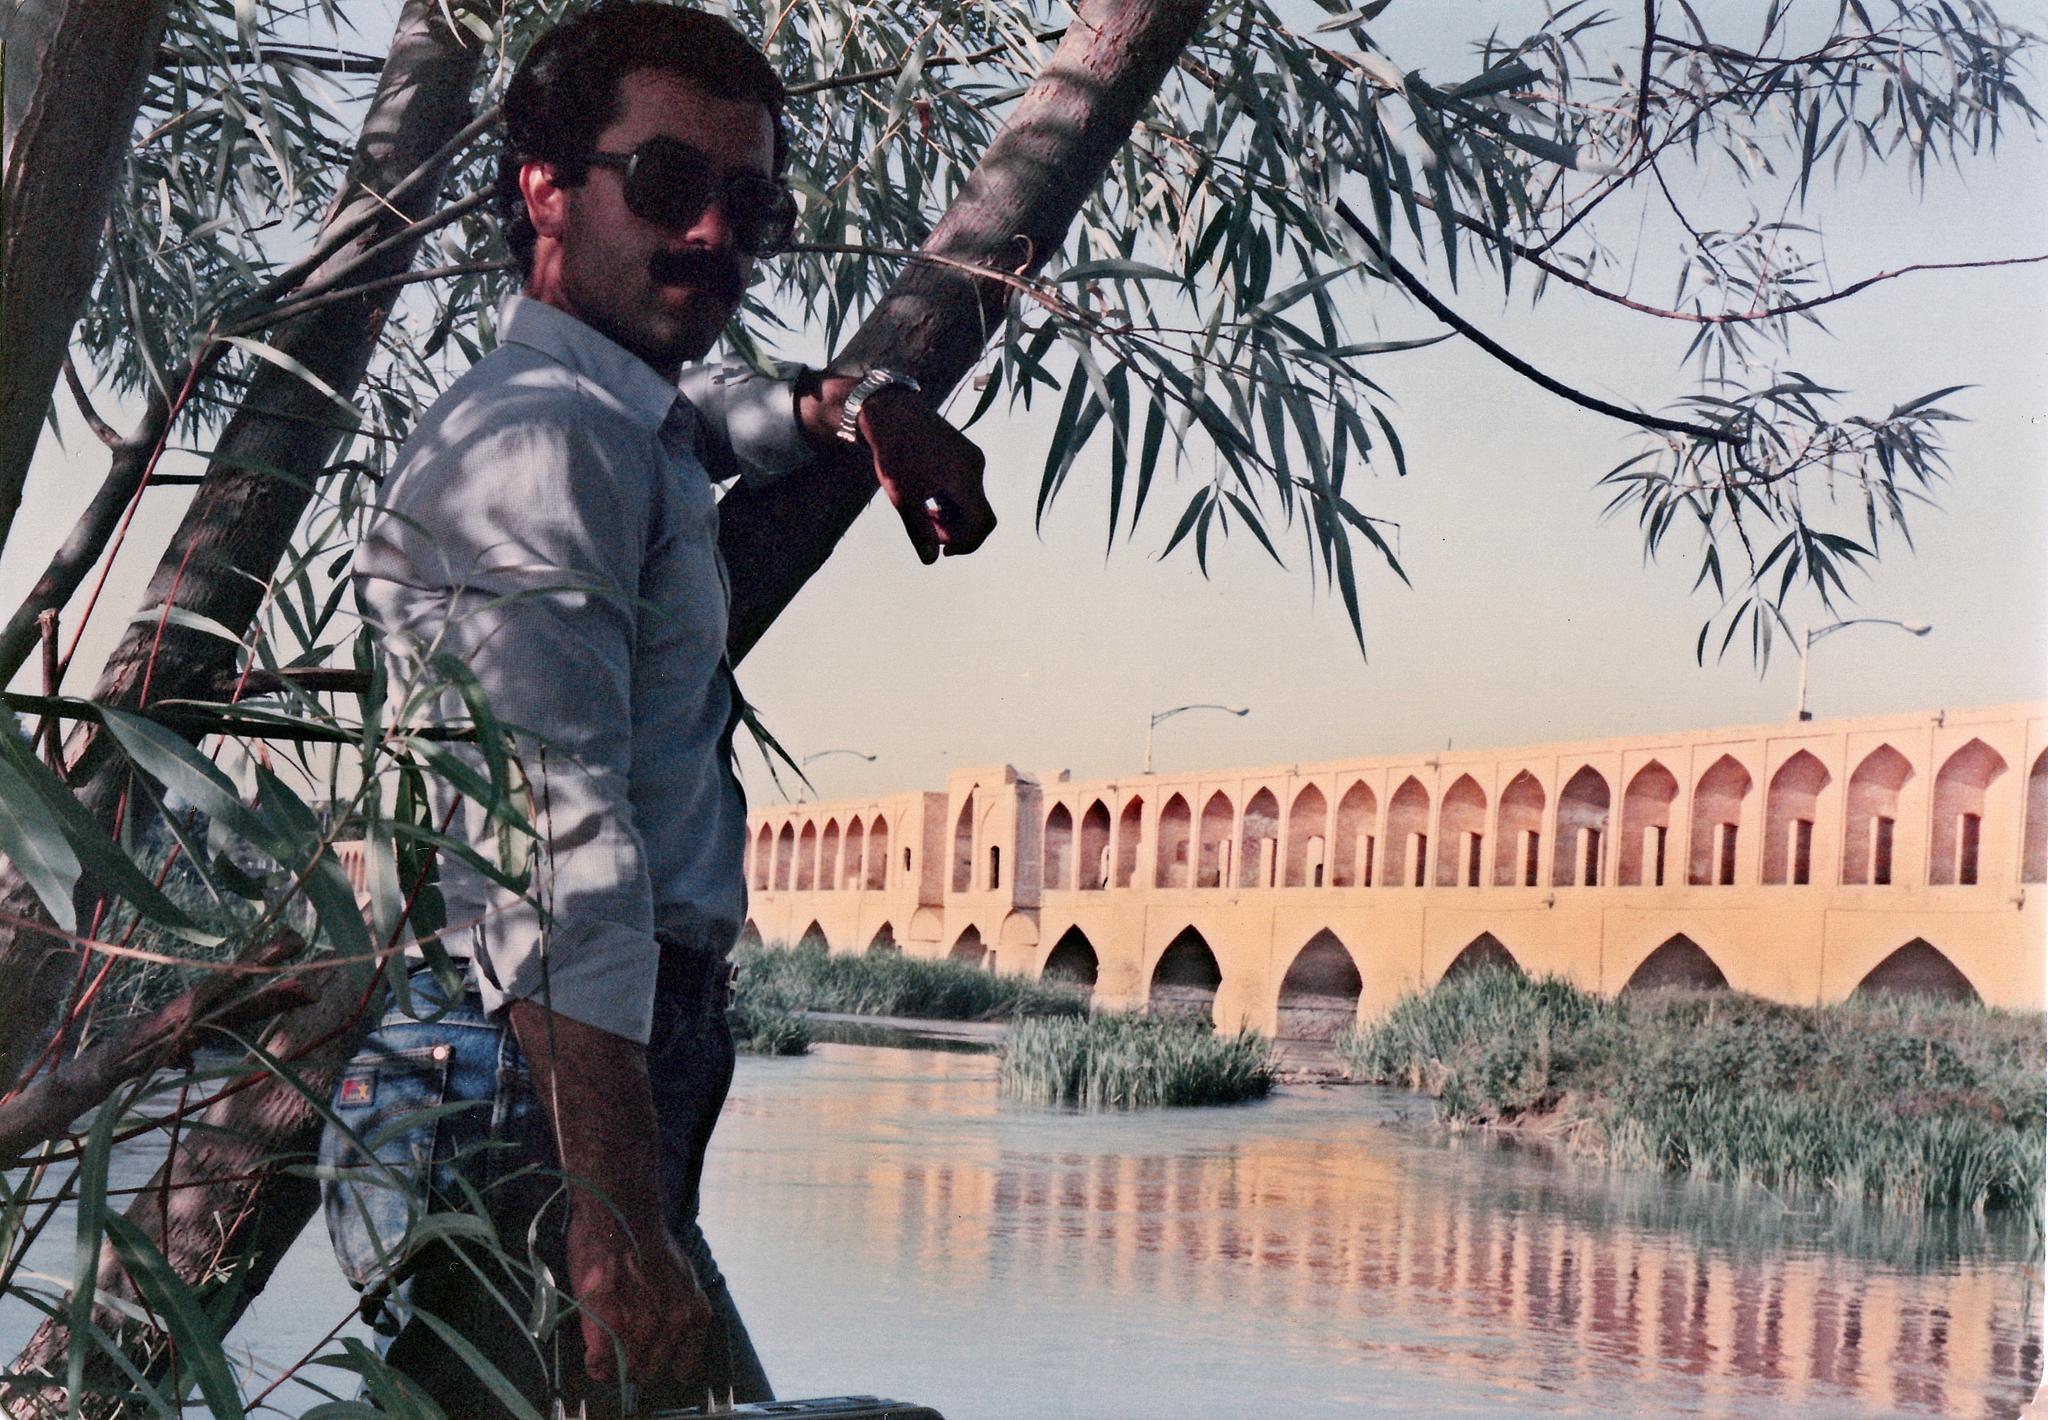 33 bridge سی وسه پل اصفهان by Mohsen Moossavi